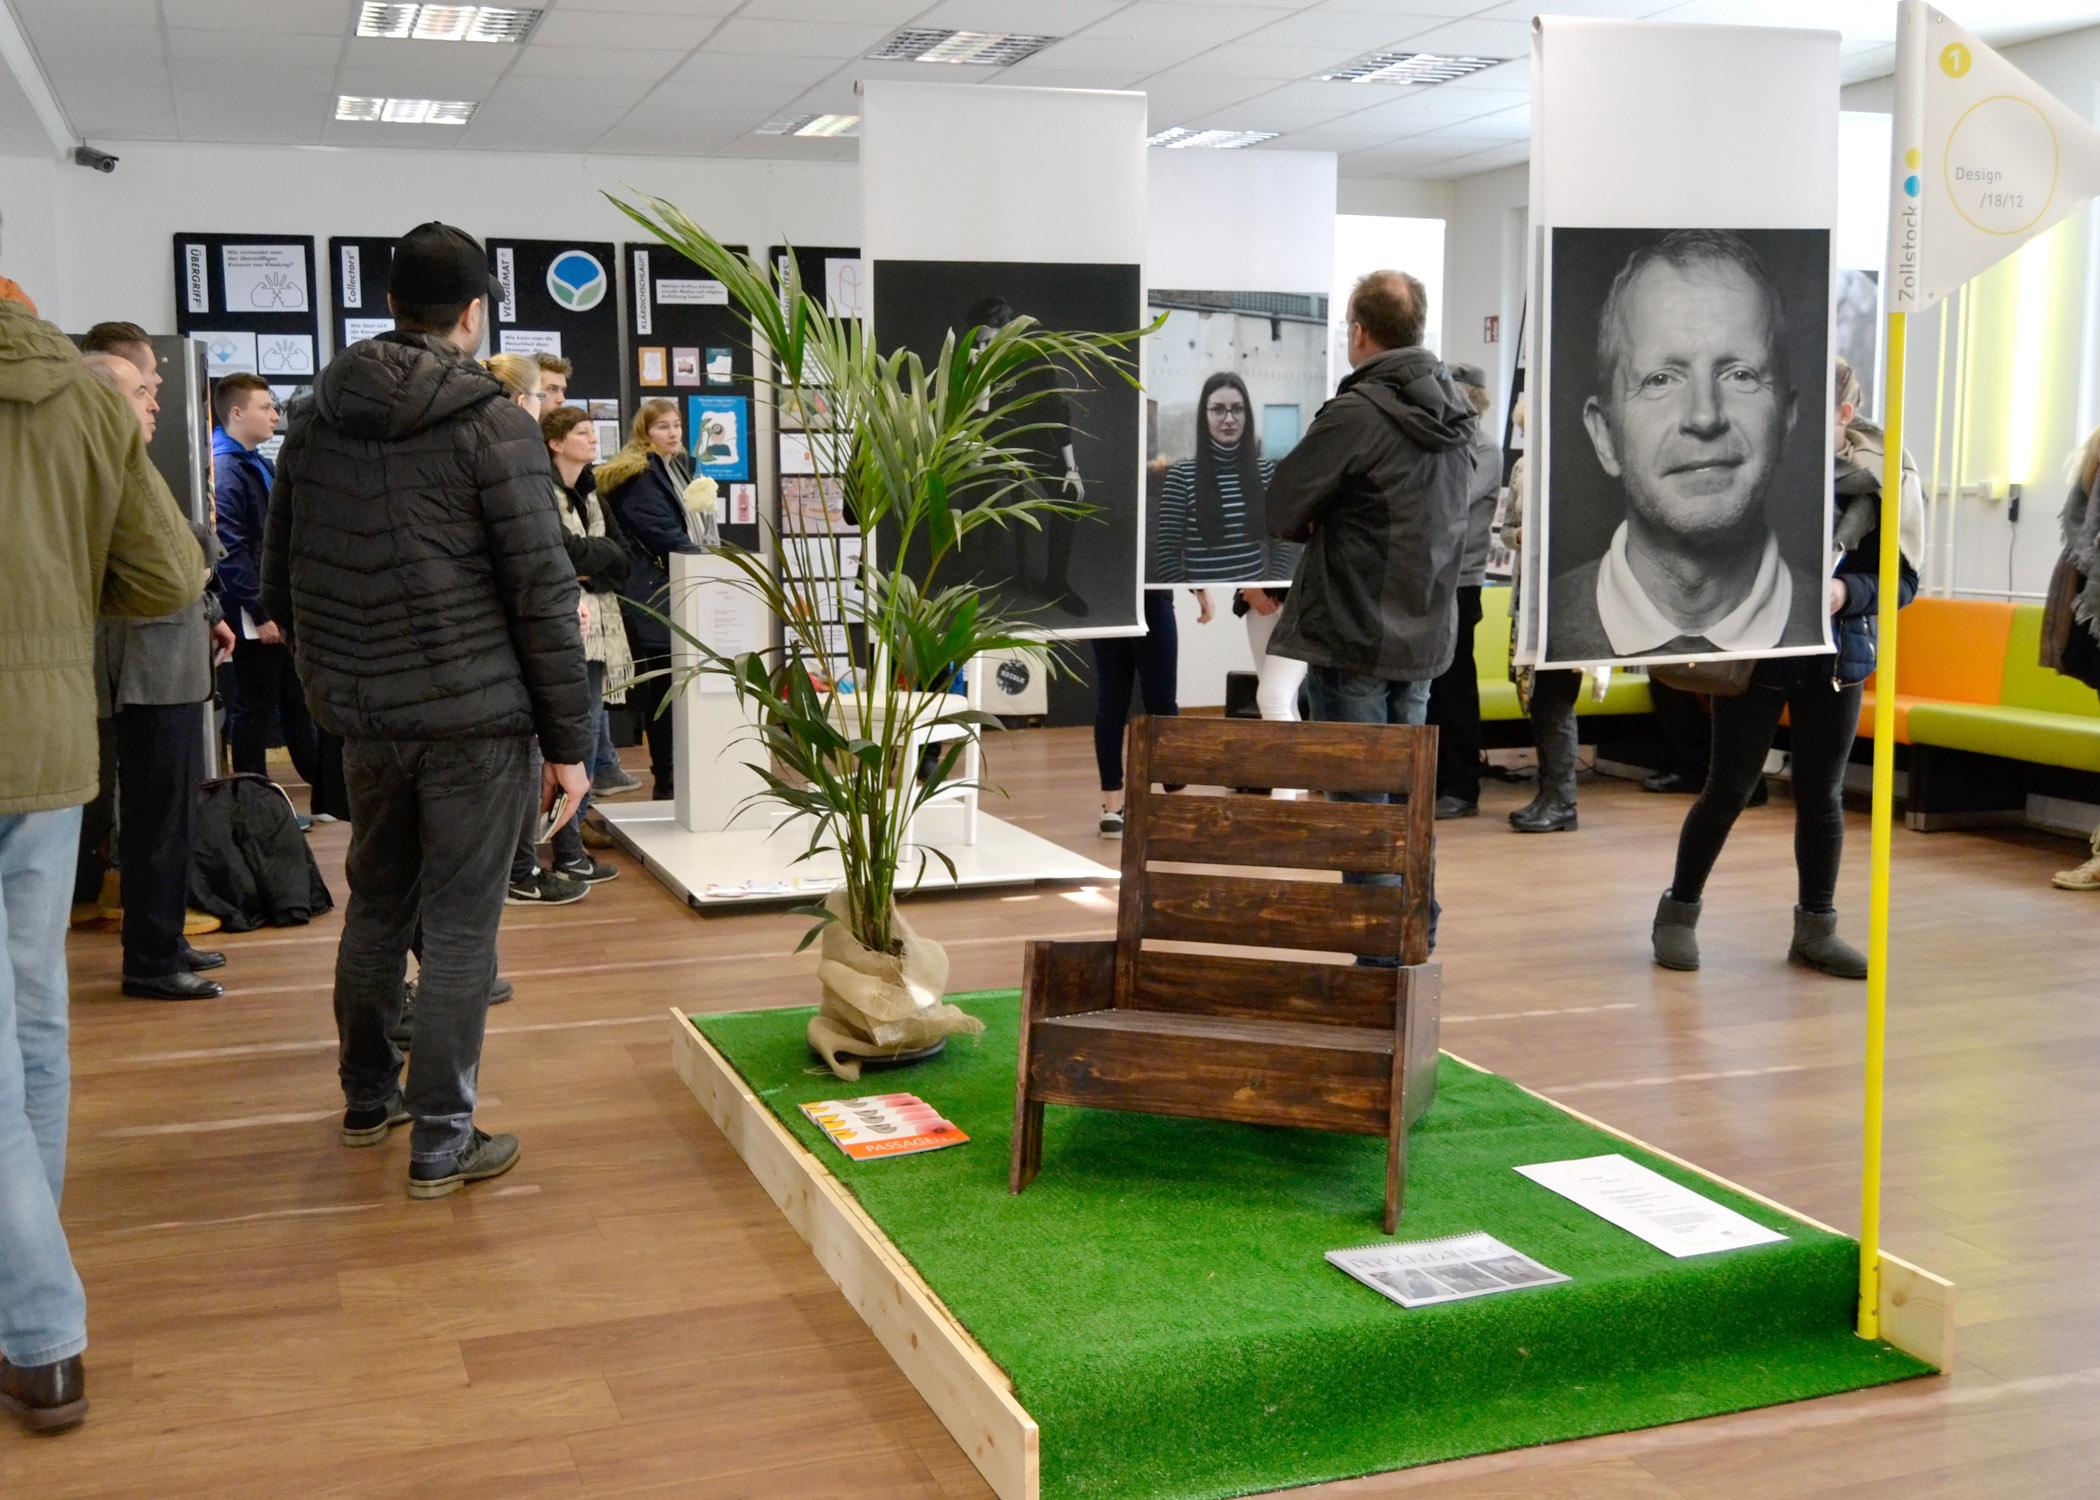 design 18 12 und passagen hmkw hochschule f r medien. Black Bedroom Furniture Sets. Home Design Ideas